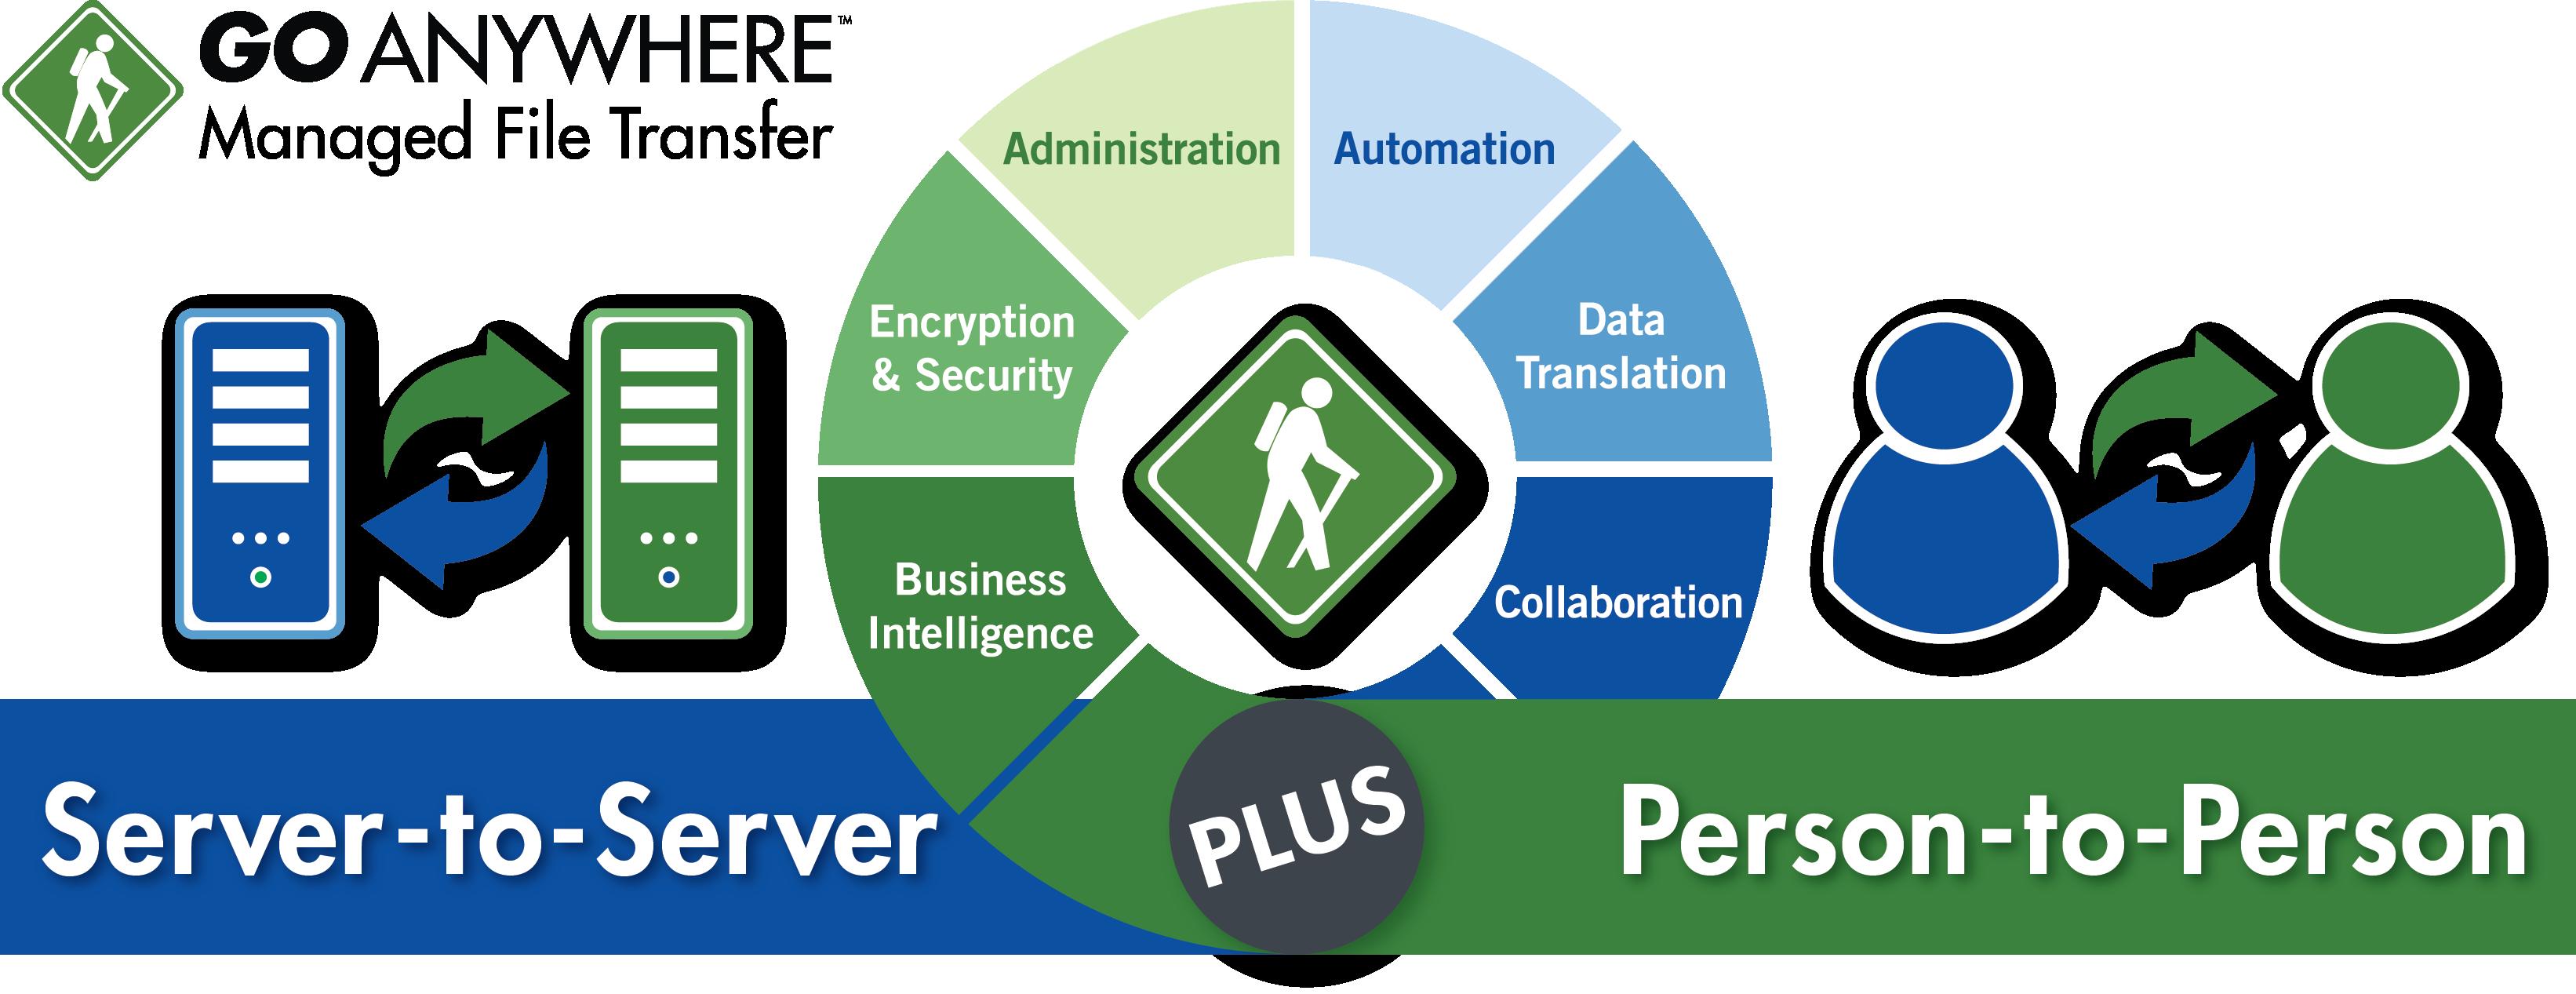 GoAnywhere_Overview___Partner_Diagram